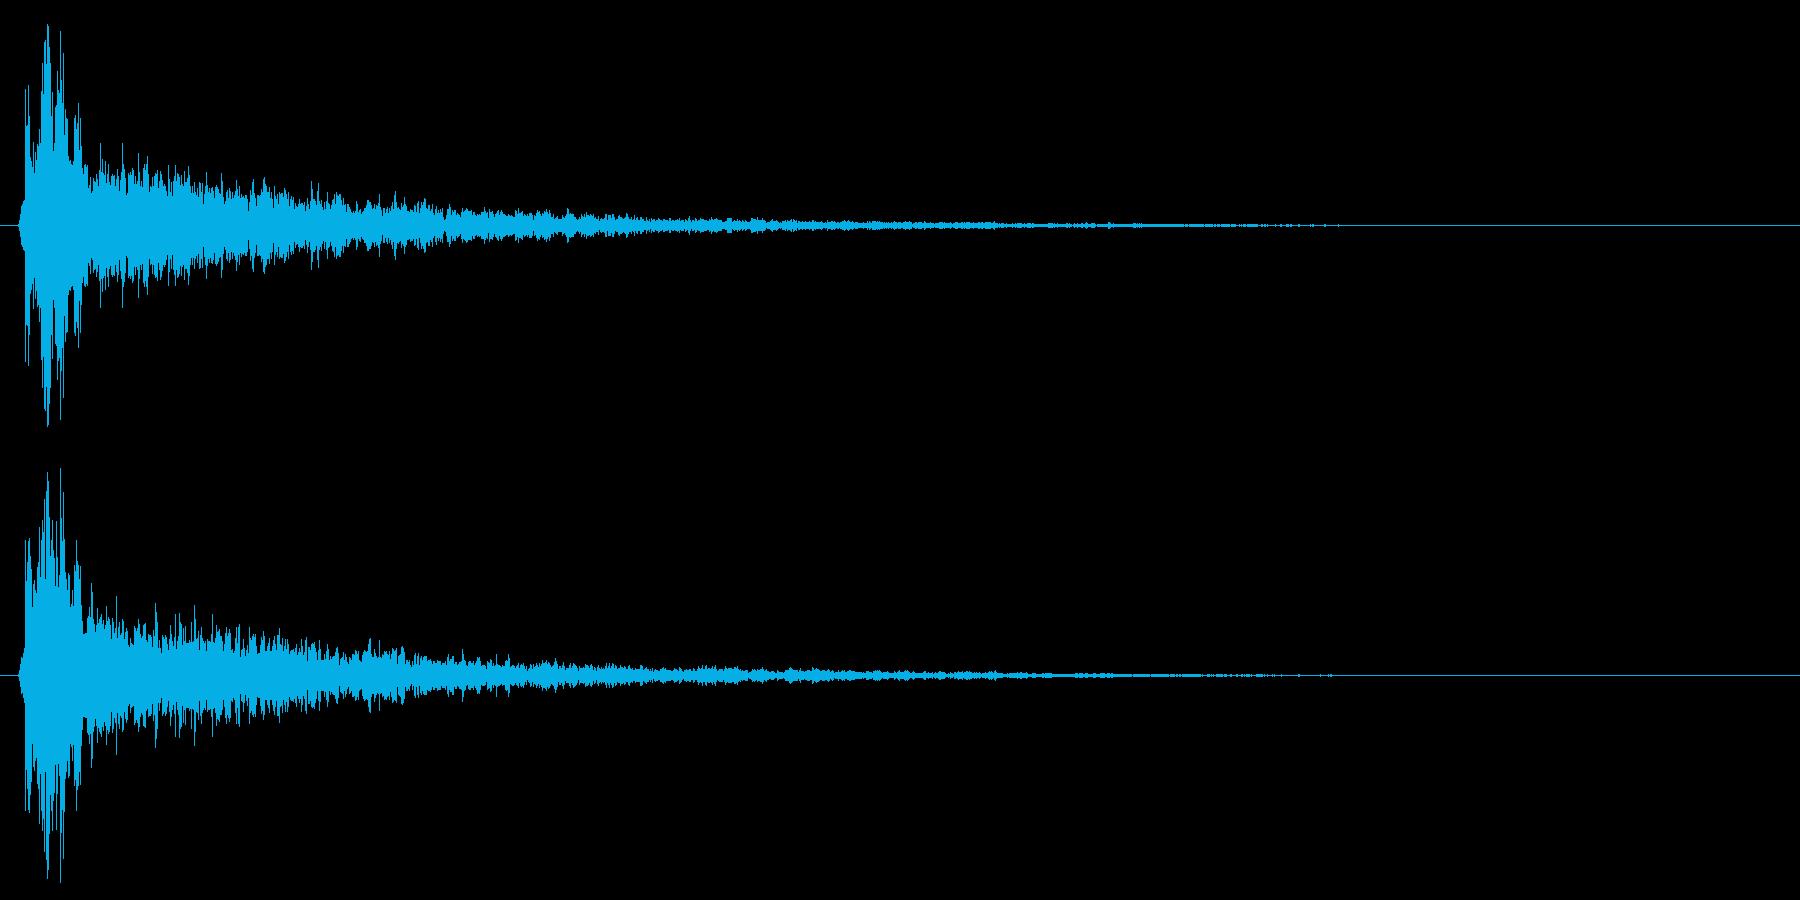 ぽちゃん!余韻が長めのリアル水滴音!04の再生済みの波形